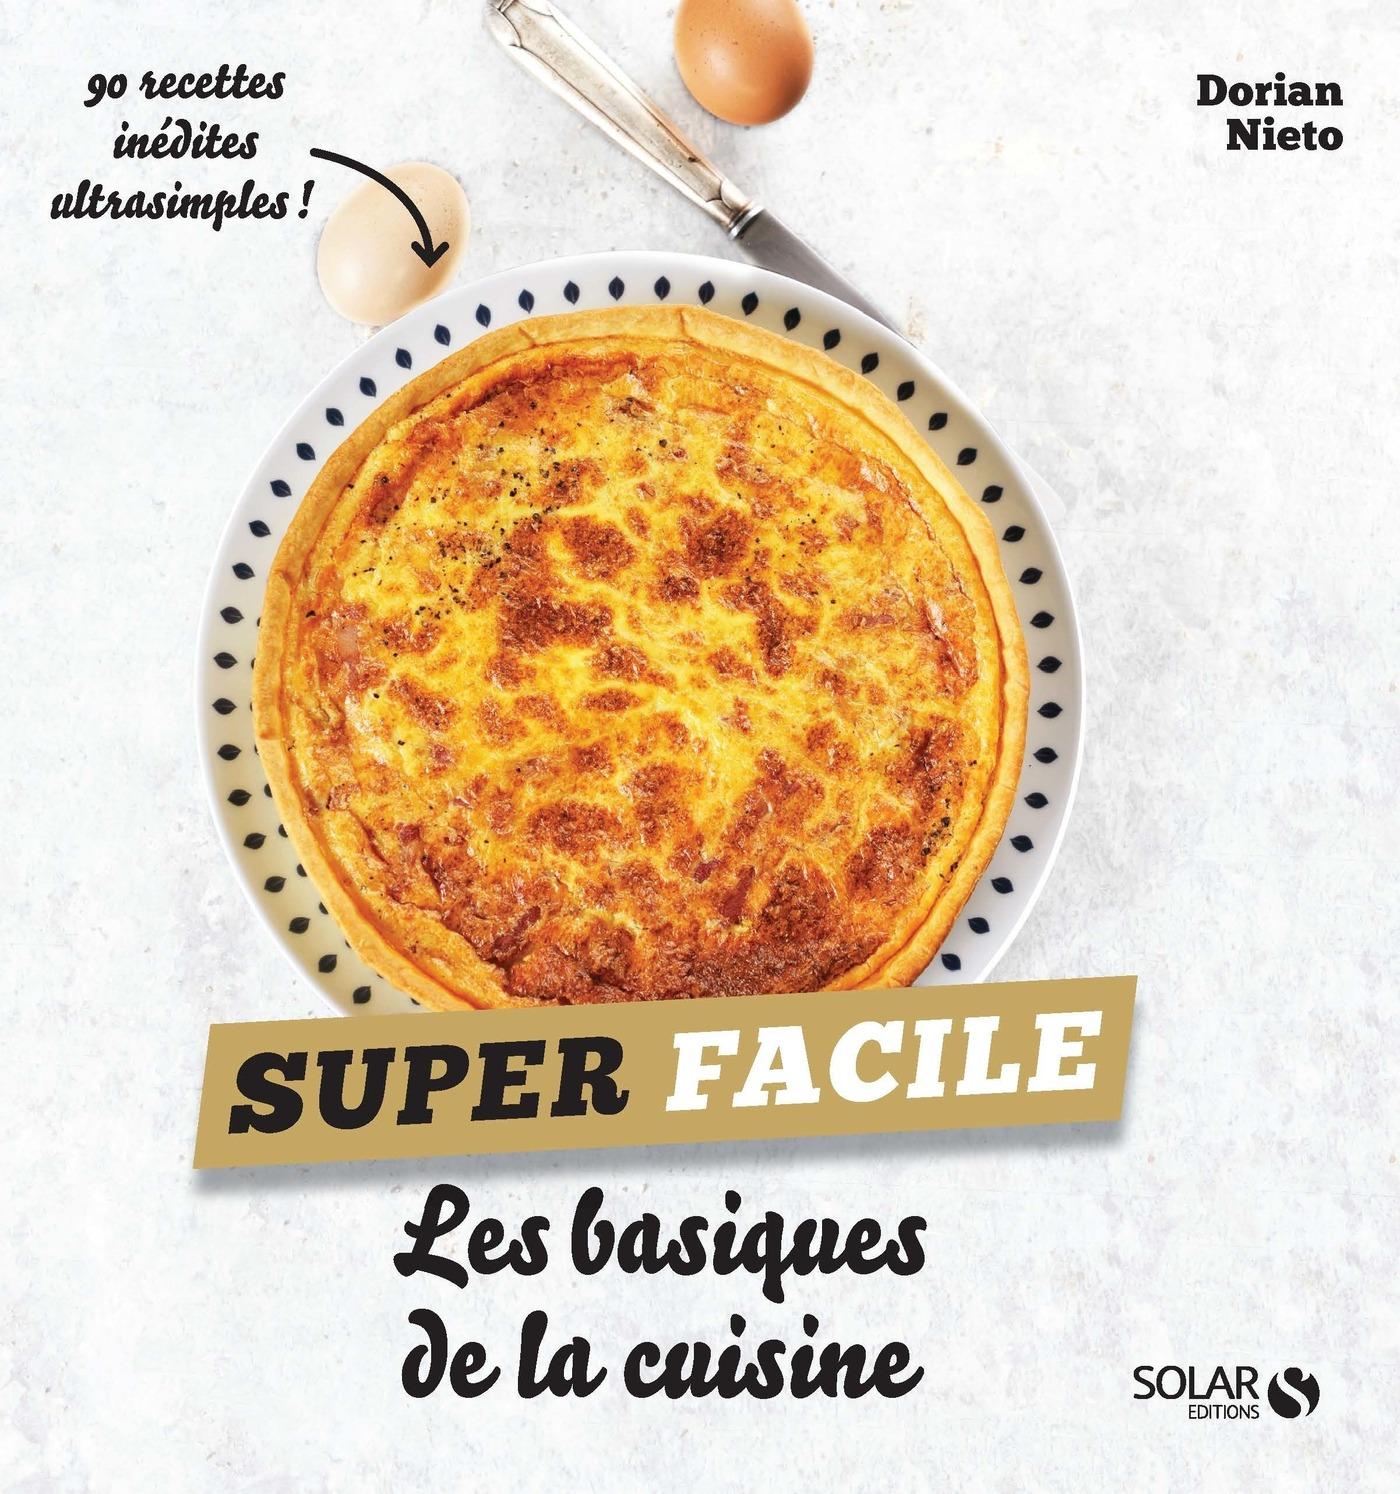 Les basiques de la cuisine - super facile (ebook)